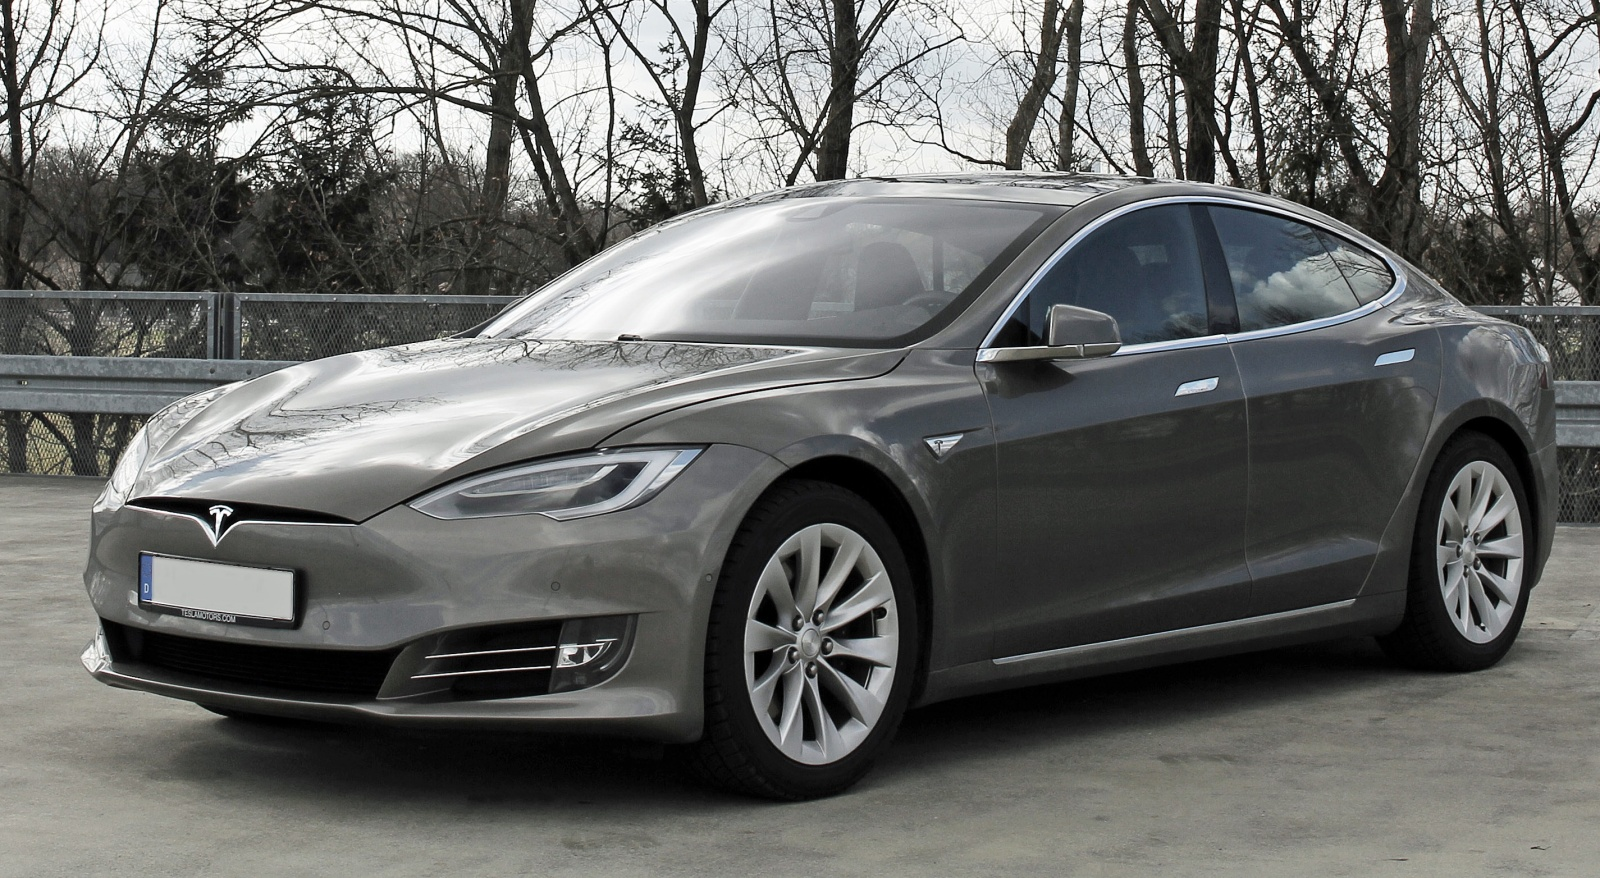 Полицейские Калифорнии в течение 7 минут пытались остановить Tesla с заснувшим за рулем водителем - 1